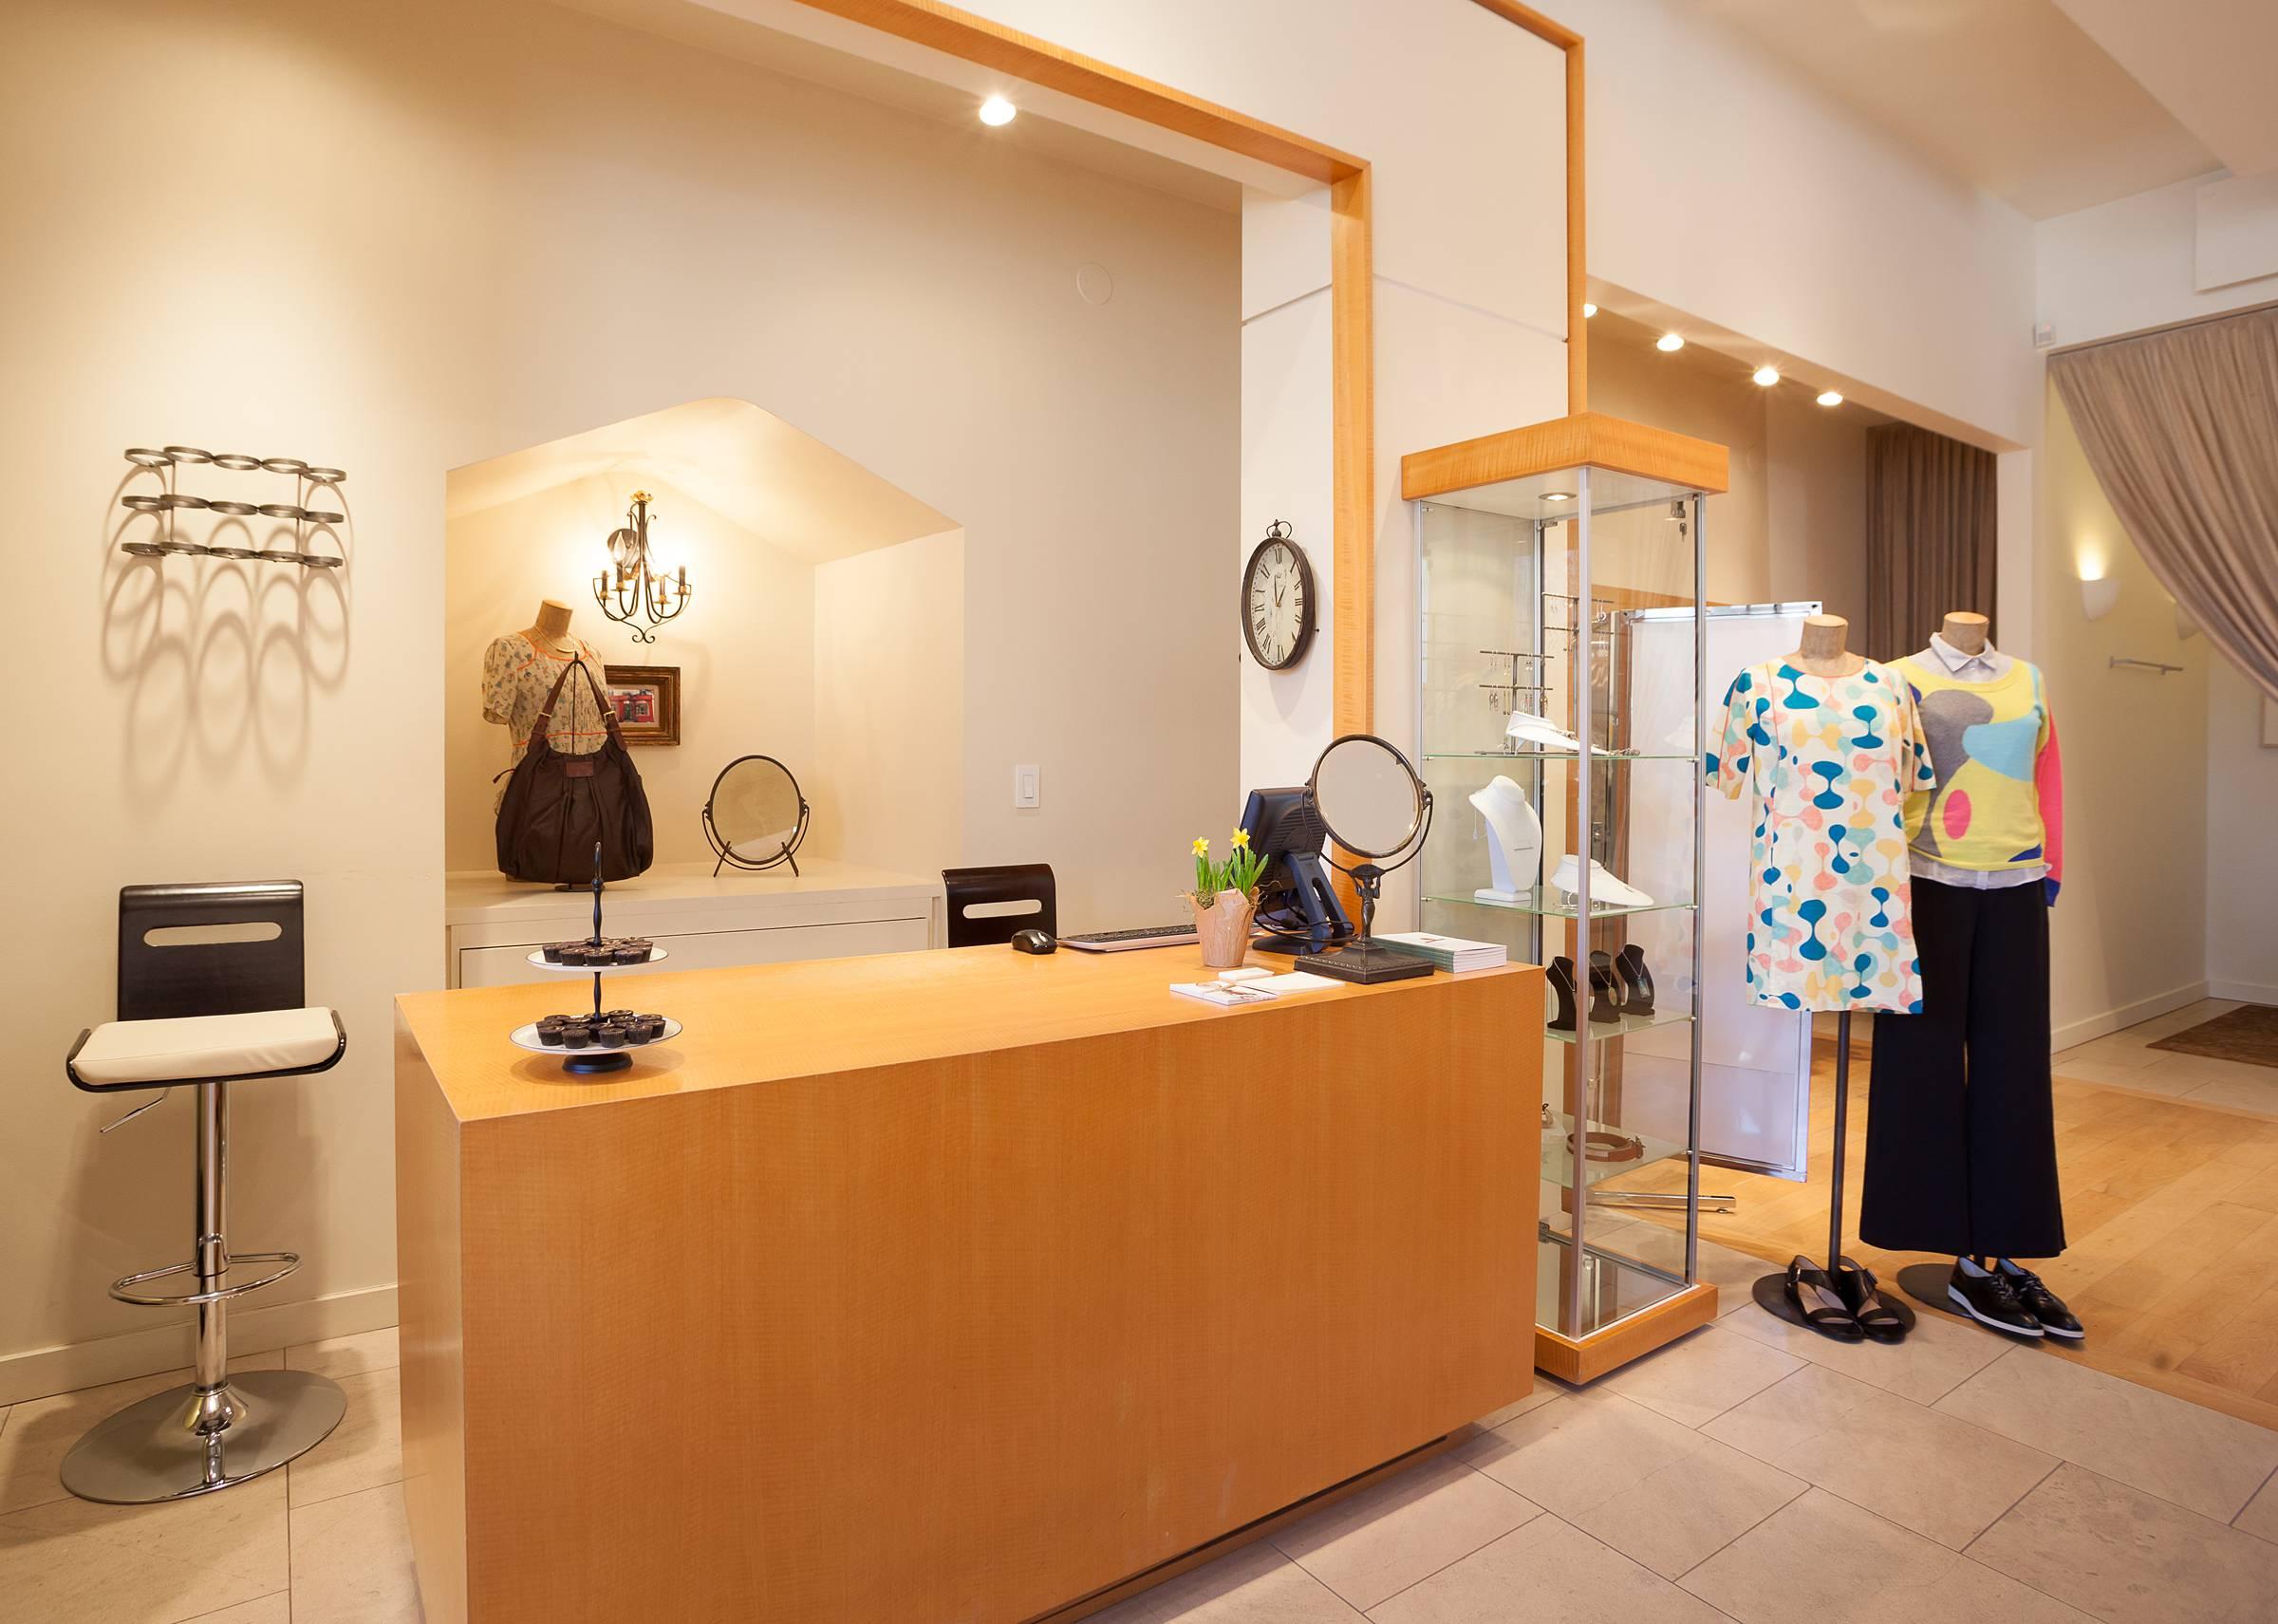 Cotelac Paris  Boutique Fashion Lincoln Park Google 360 Chicago  WalkThru360  Google 360